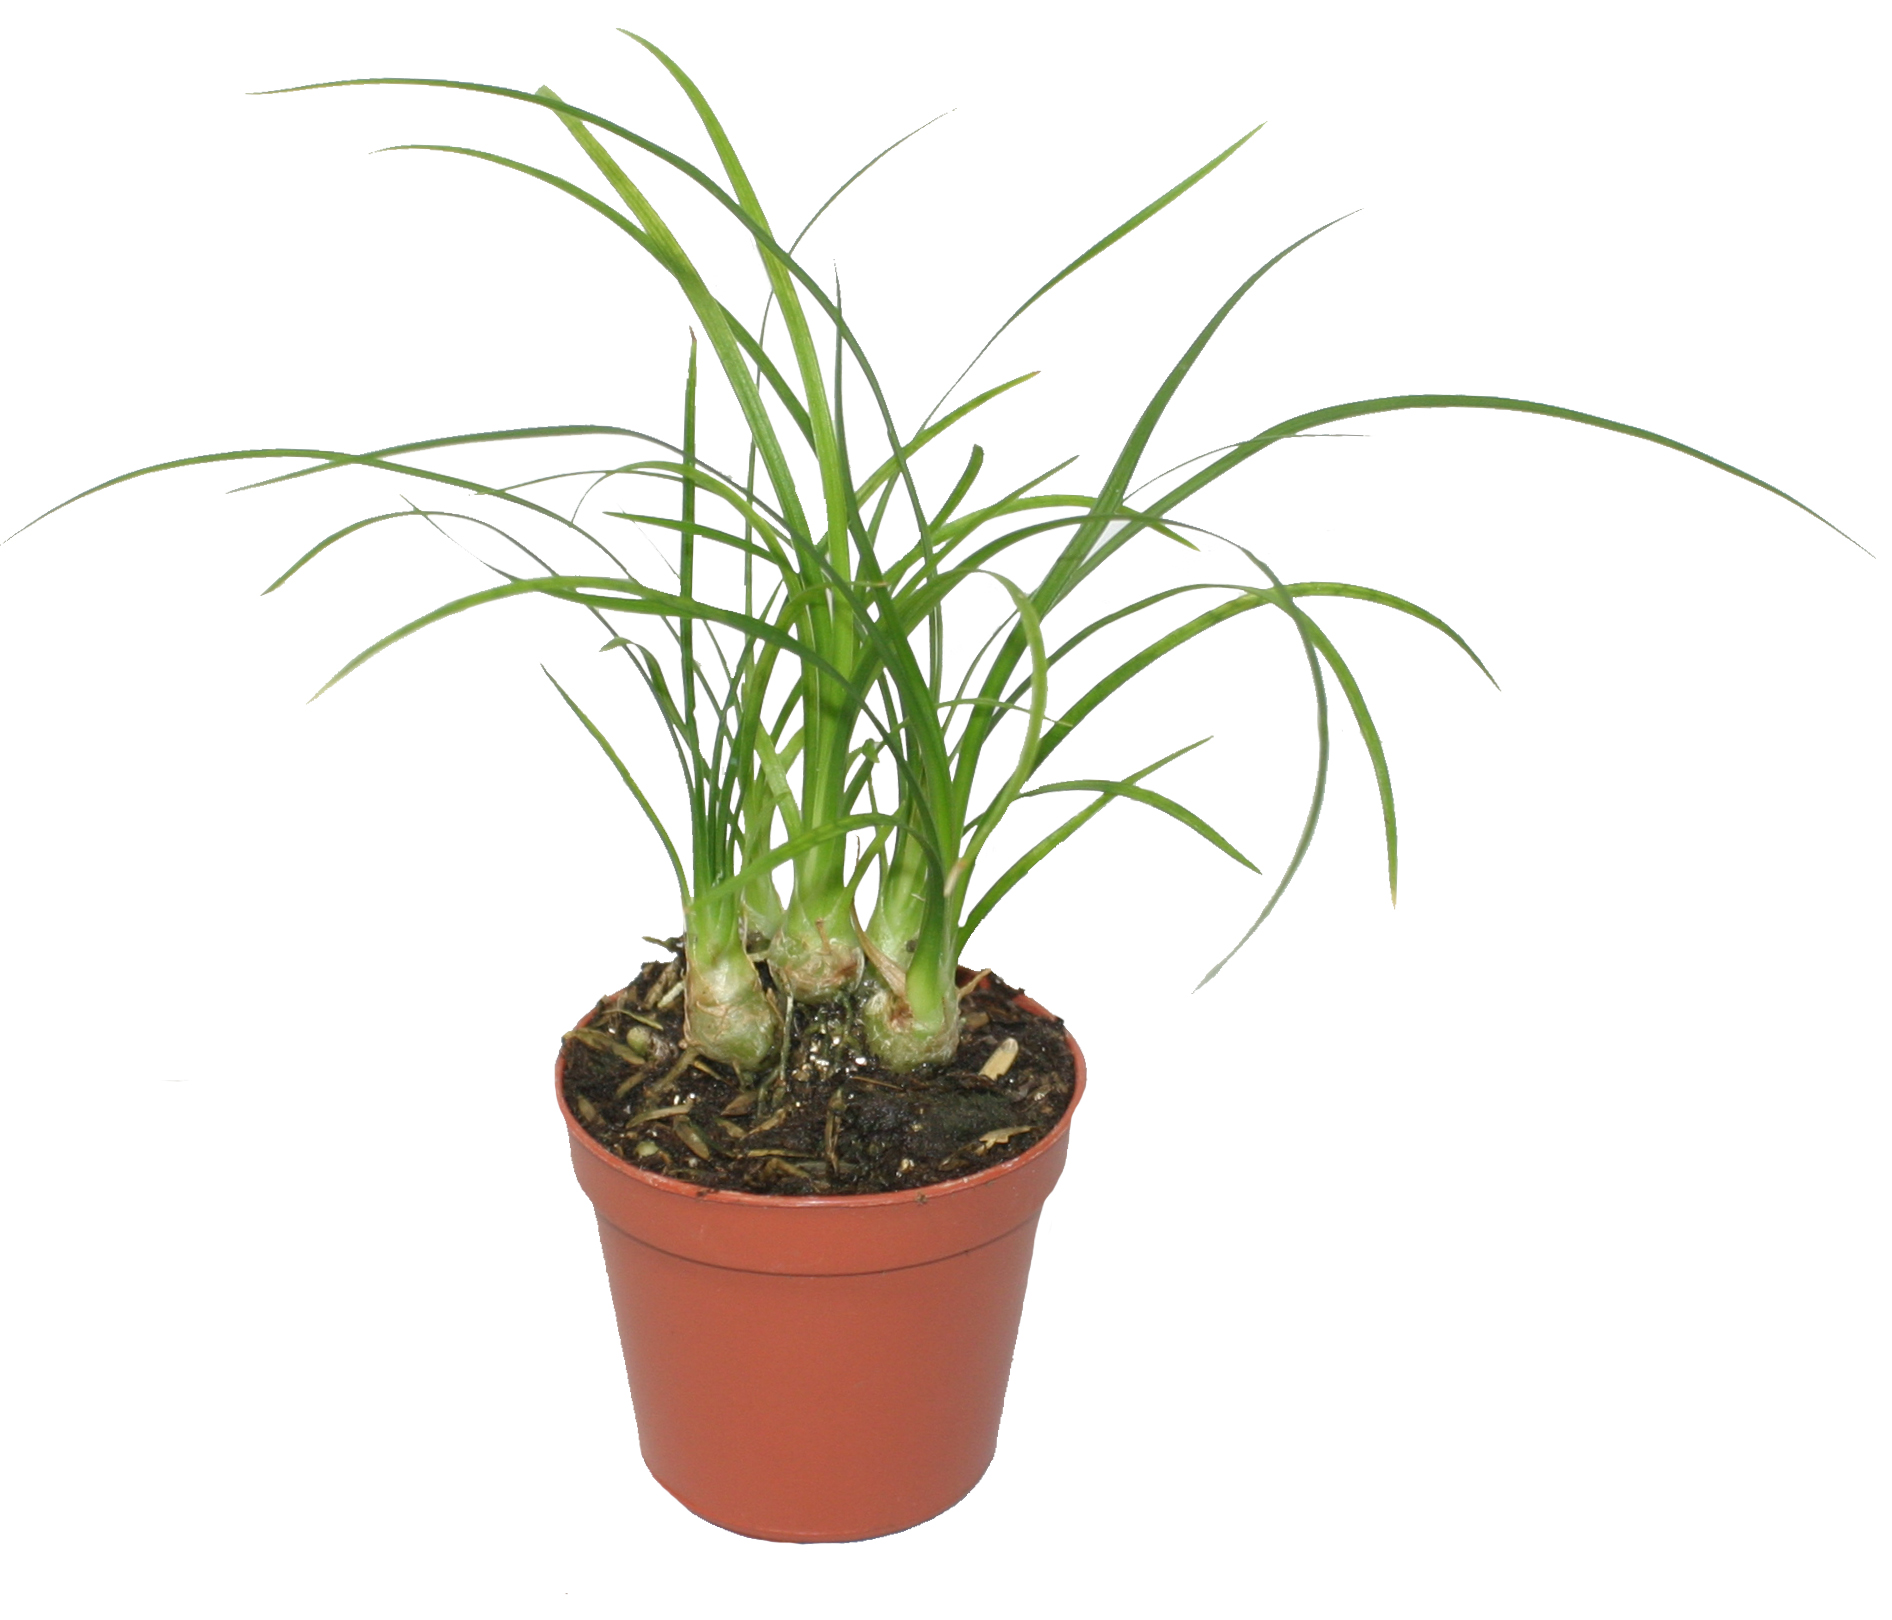 Pixie Plants Central Florida Ferns